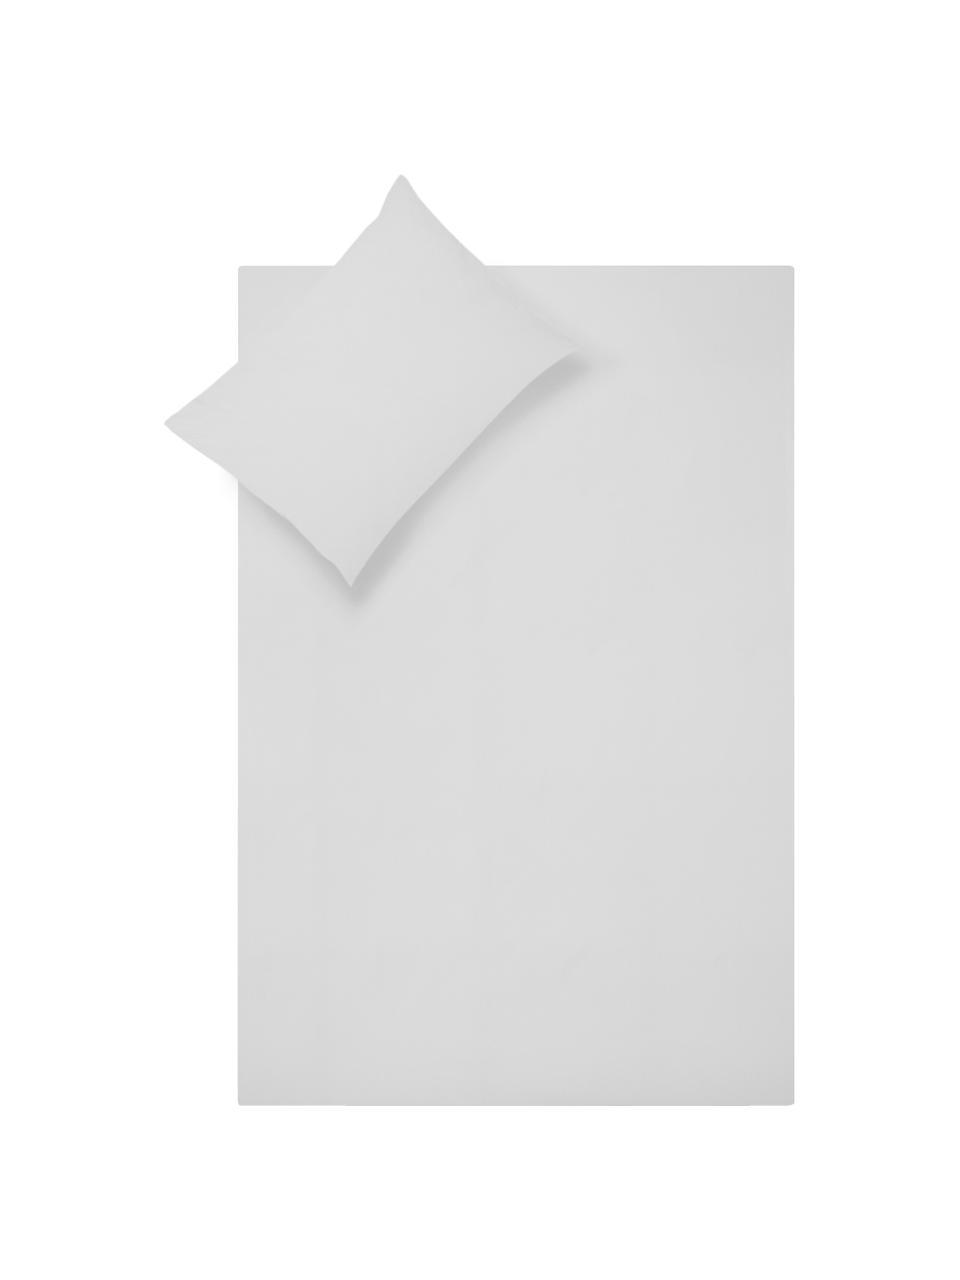 Set lenzuola in percalle grigio chiaro Elsie, Grigio chiaro, 240 x 300 cm + 2 cuscini 50 x 80 cm